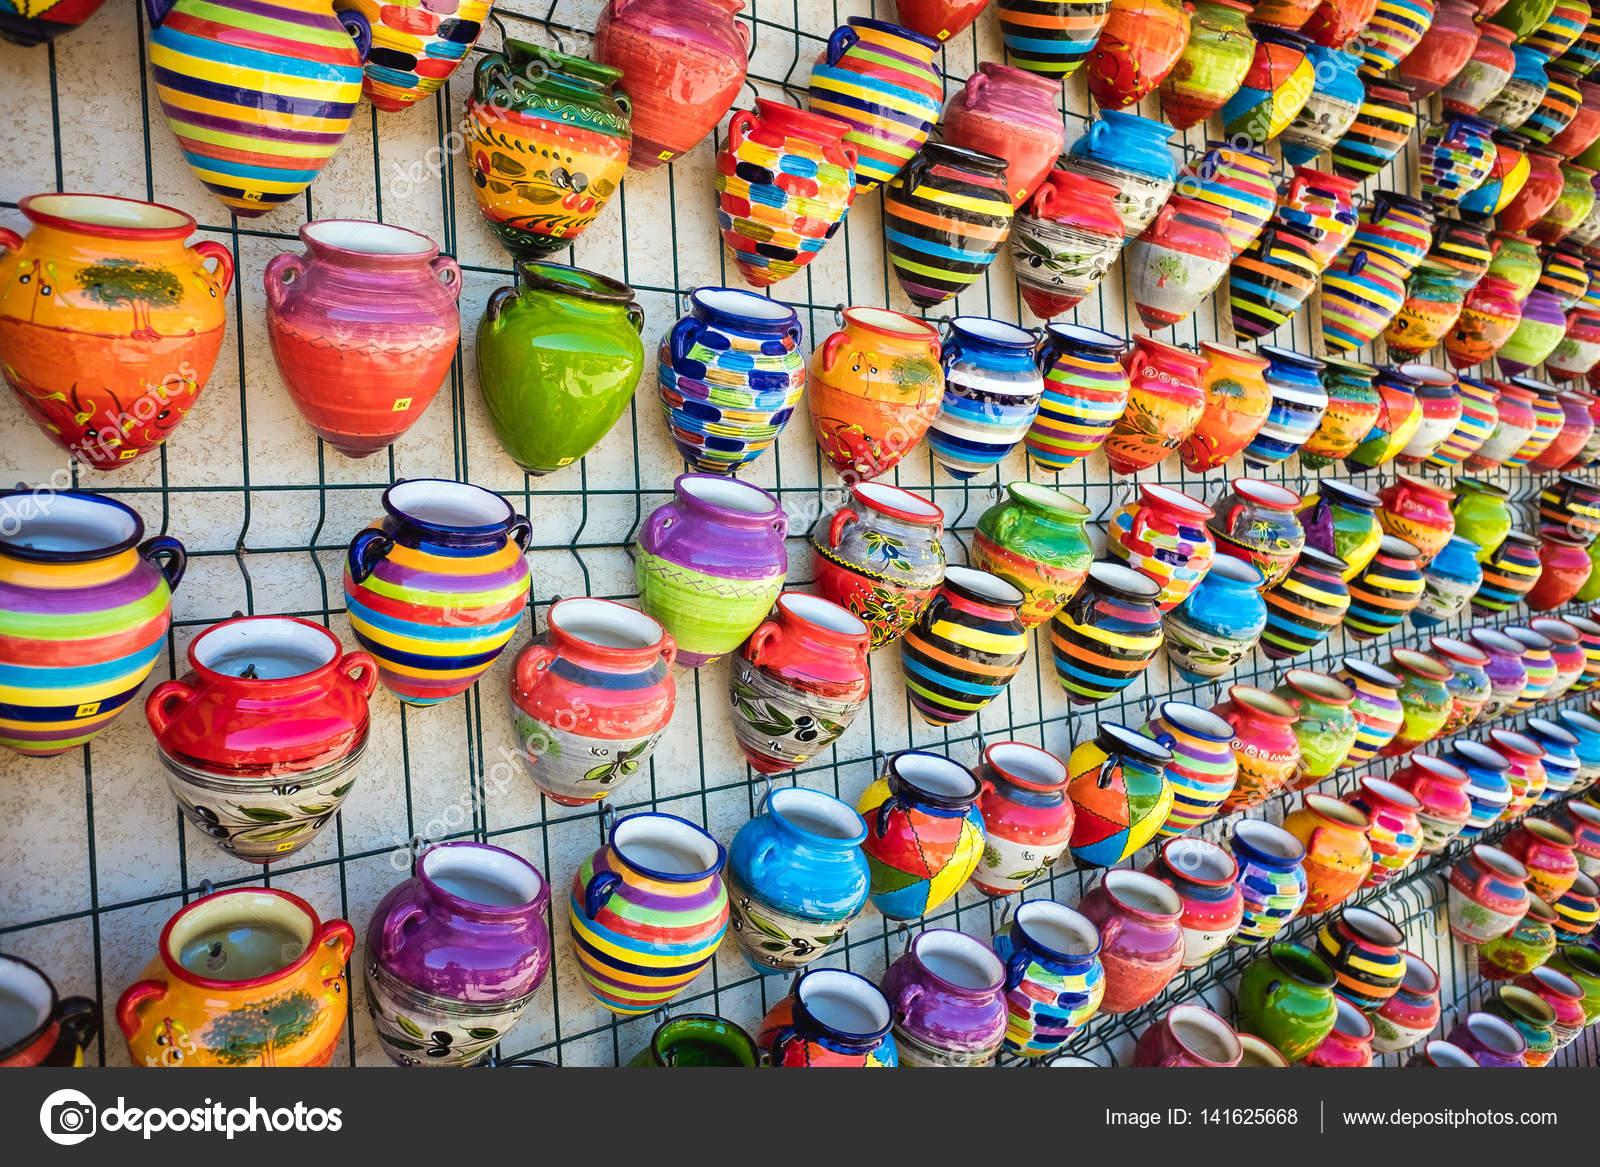 Kolorowe Doniczki Ceramiki Wiszące Na ścianie Zdjęcie